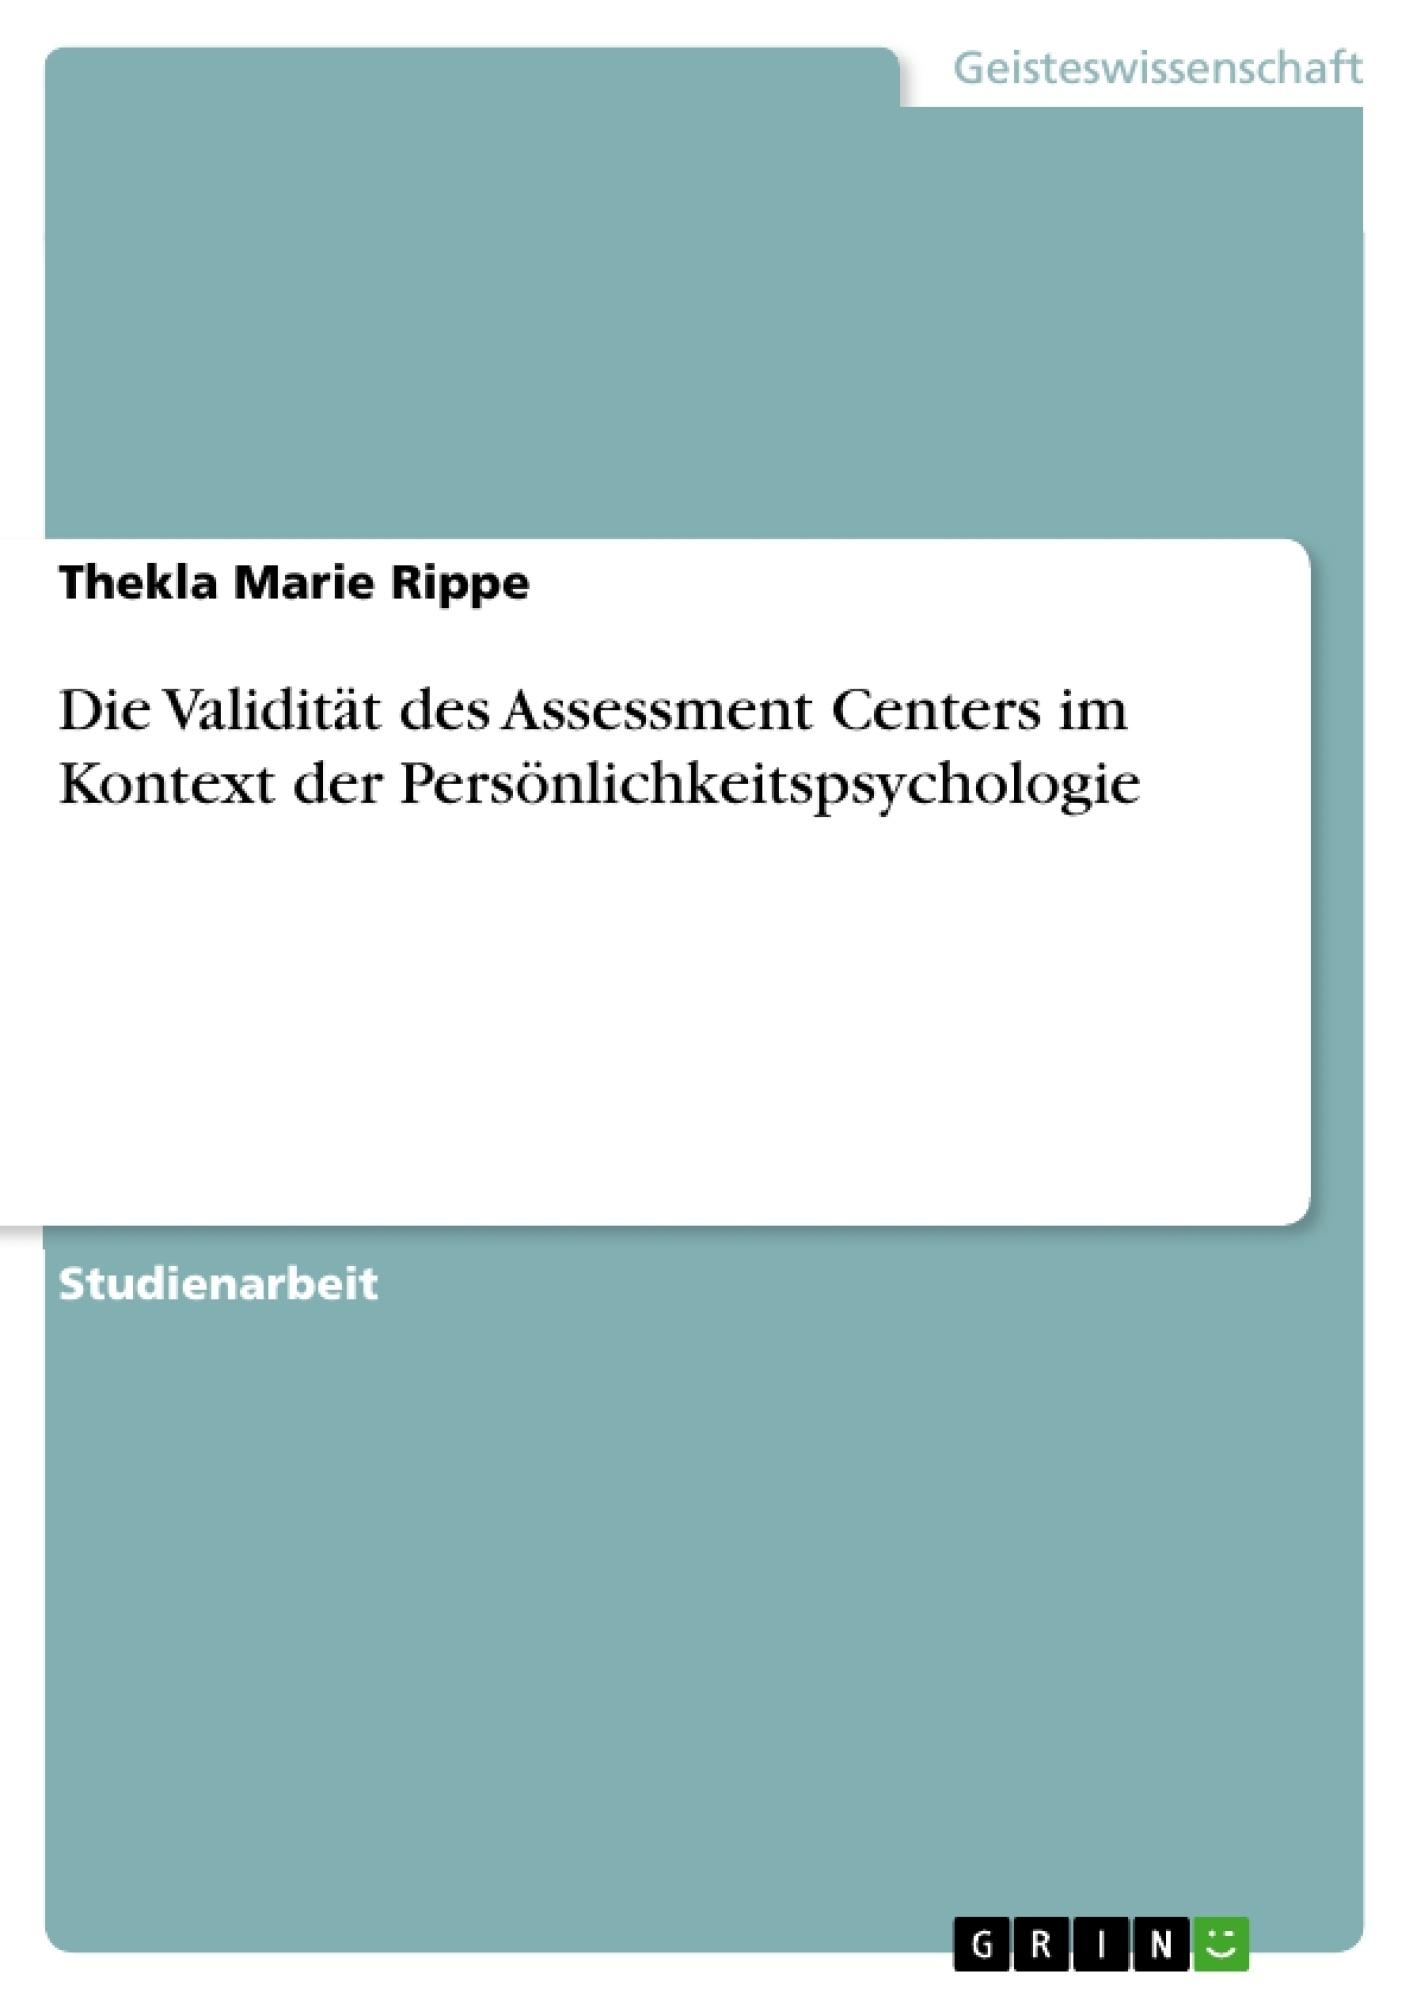 Titel: Die Validität des Assessment Centers im Kontext der Persönlichkeitspsychologie